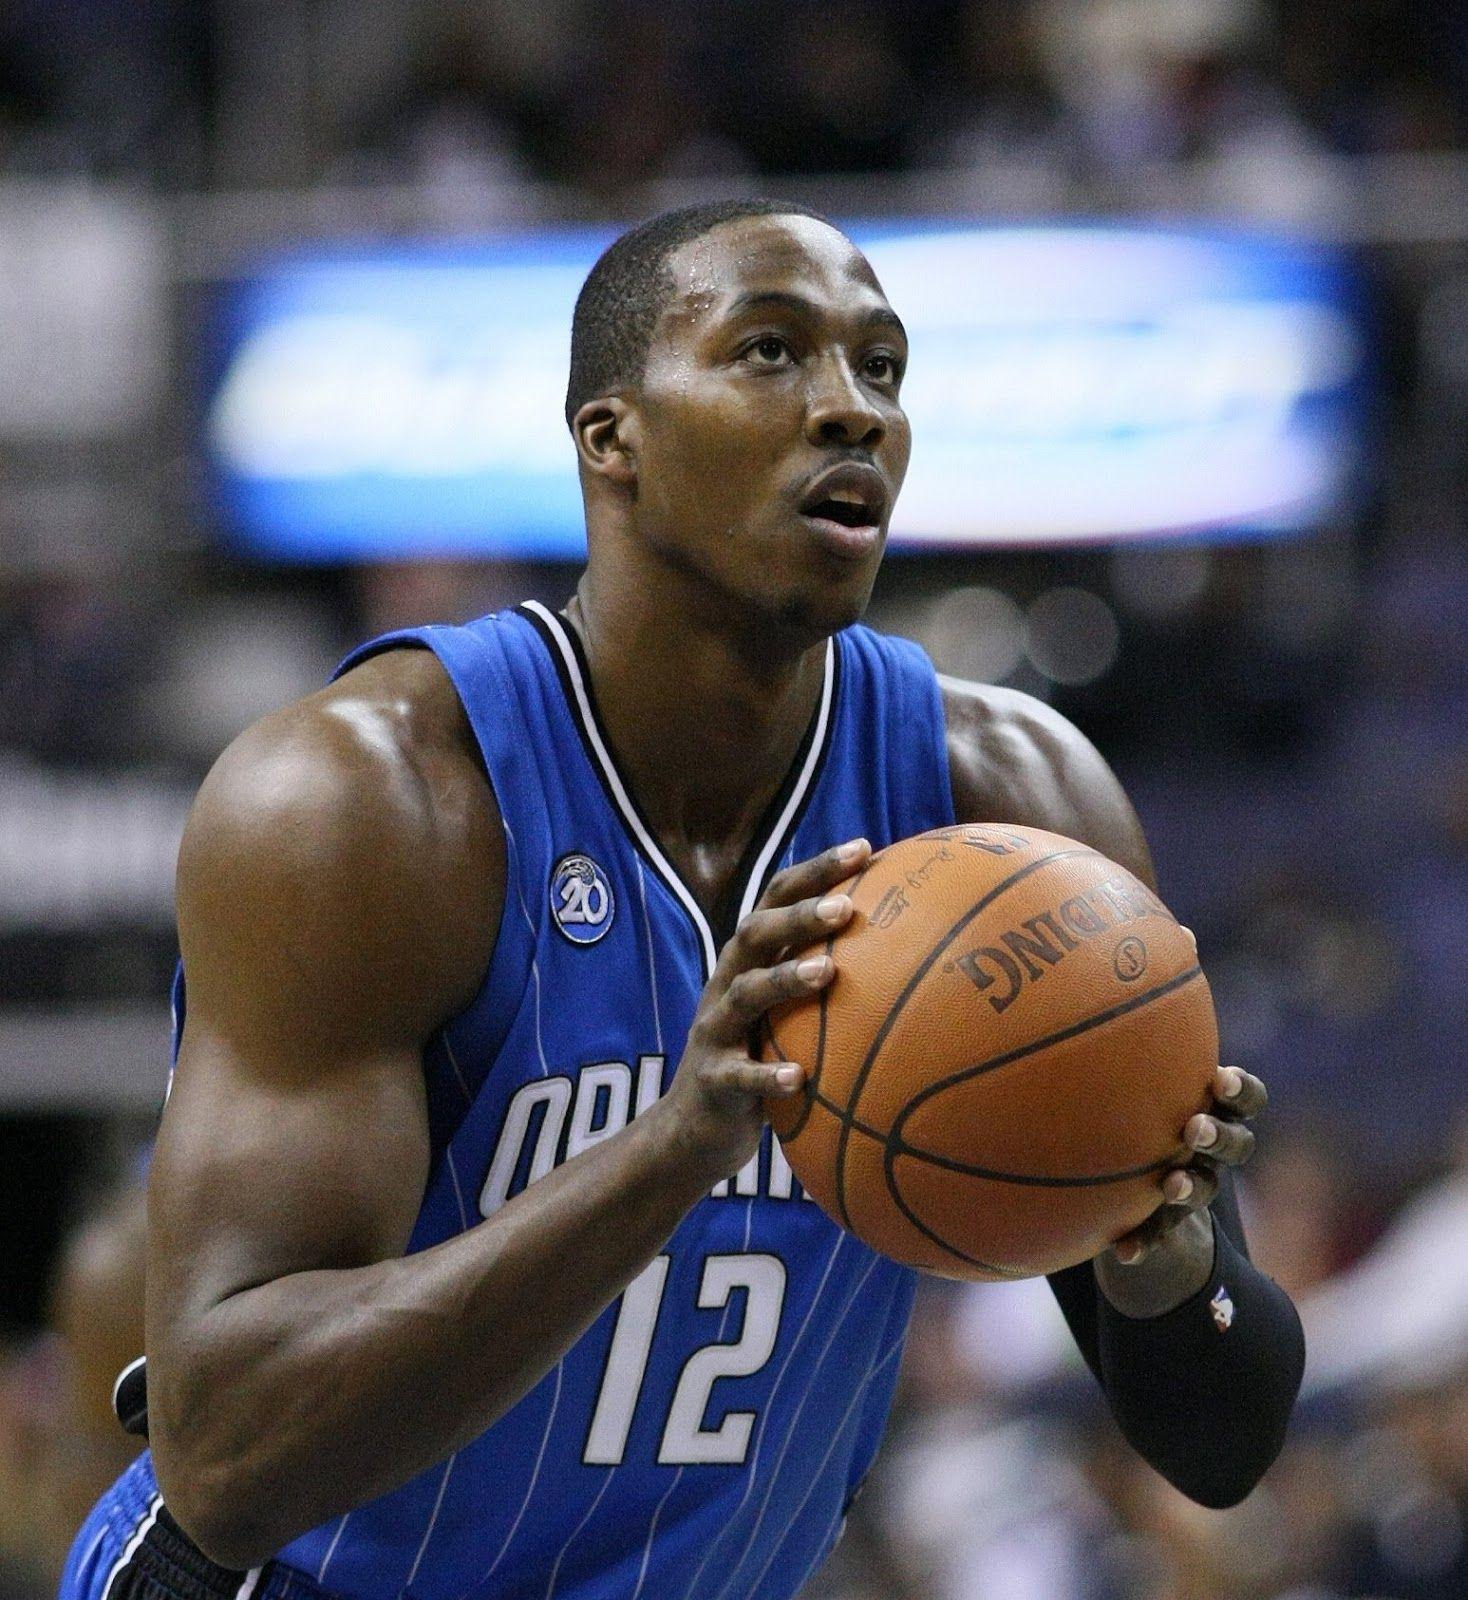 Nba Rumors And Basketball News: Pin By Peter Thomson On § - Basketball